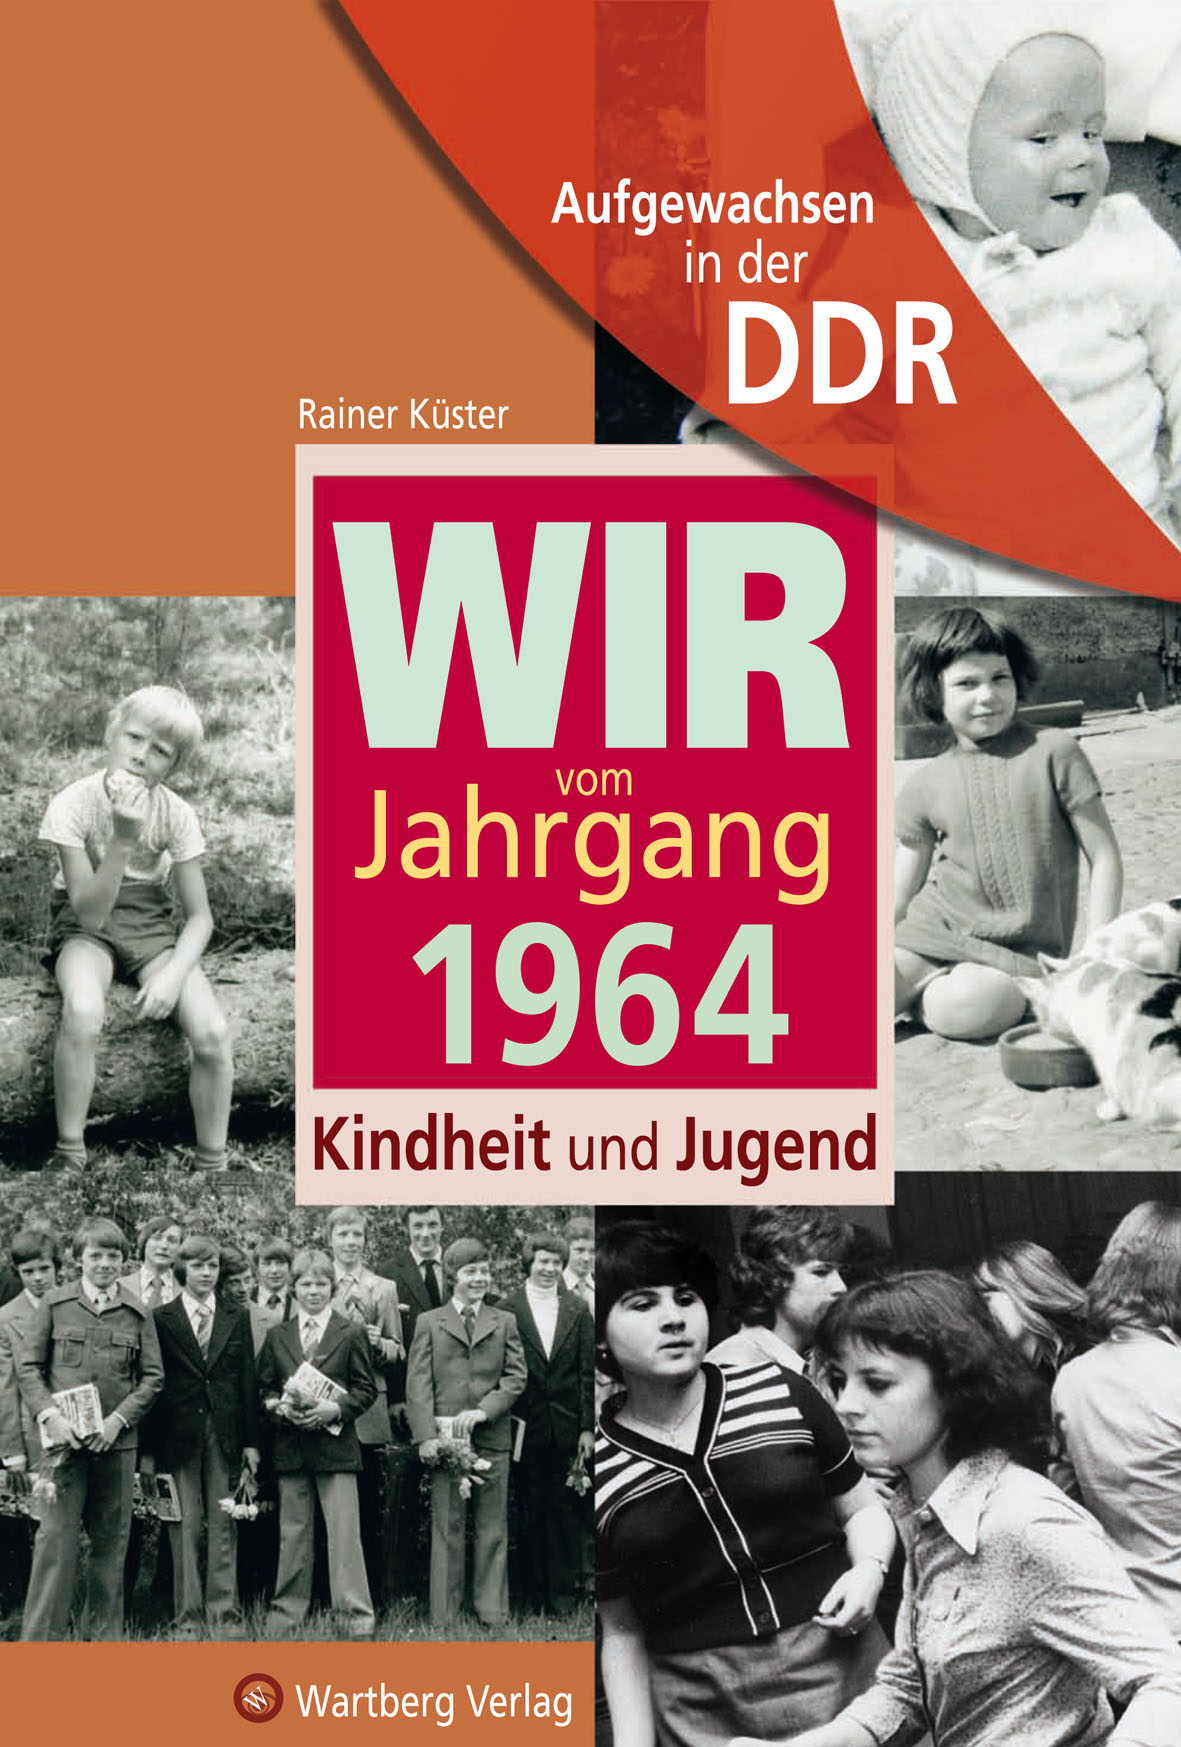 Aufgewachsen in der DDR - Wir vom Jahrgang 1964 - Kindheit und J